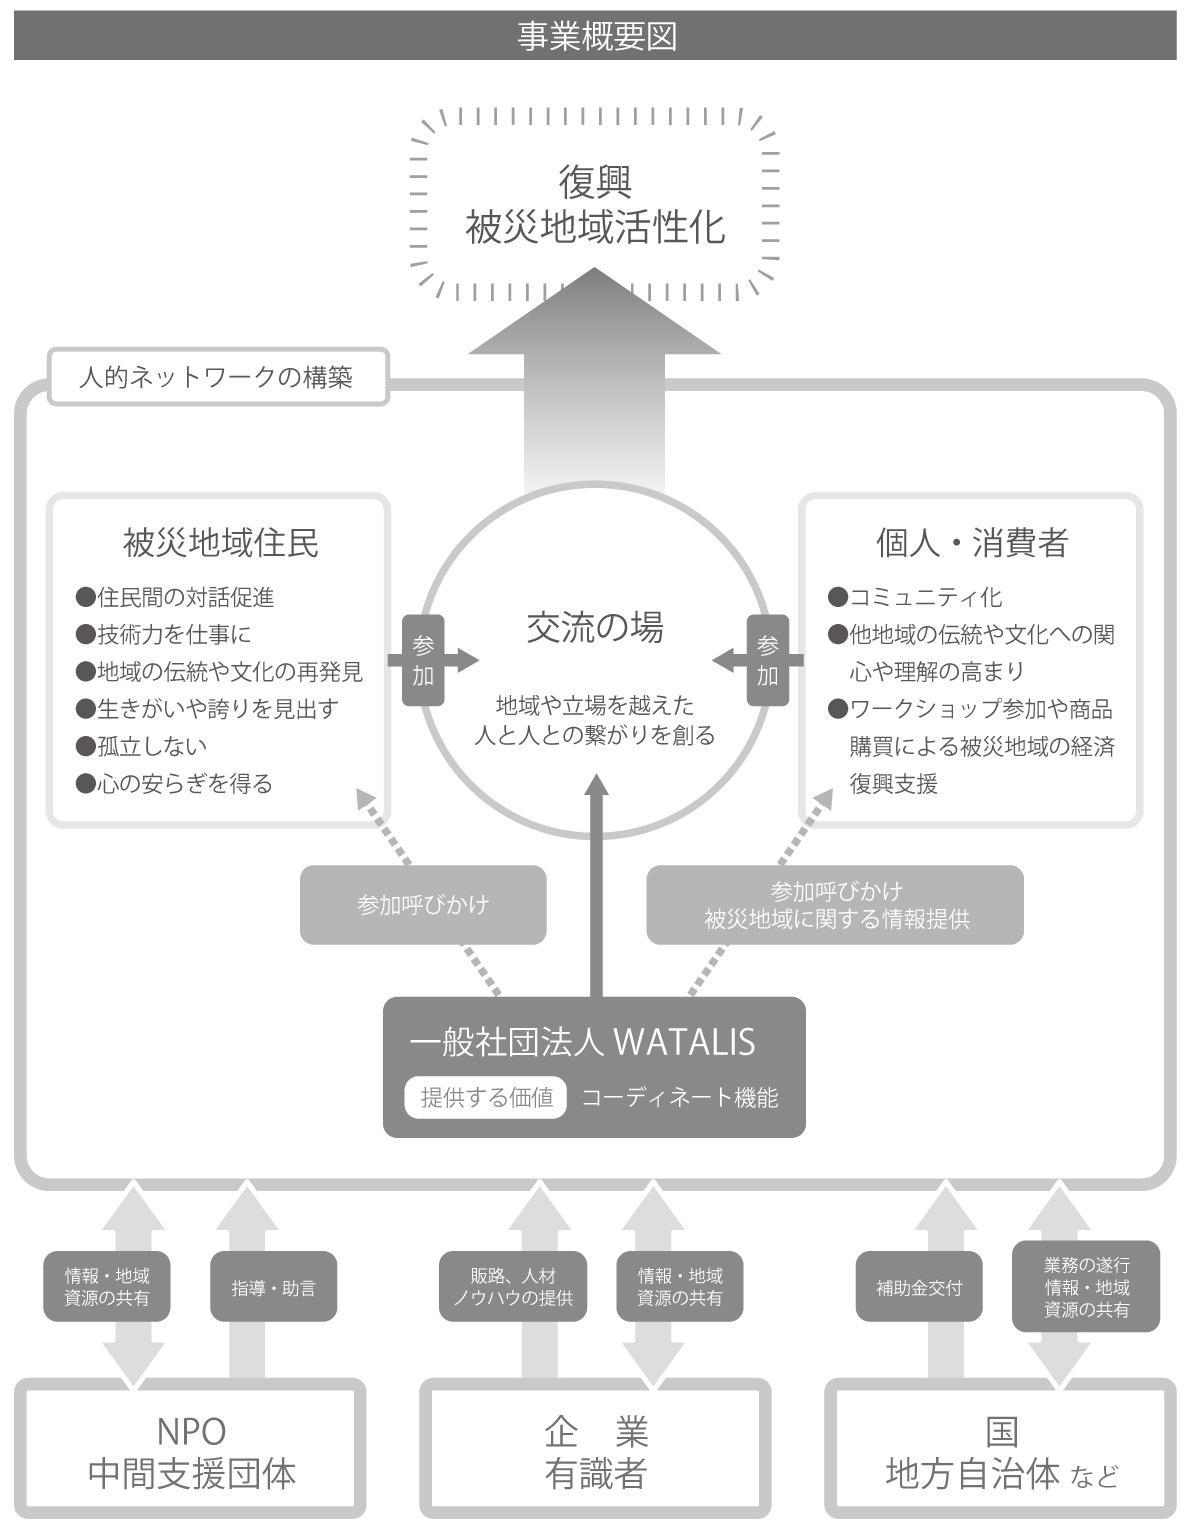 事業概要図:地域活性化につながるWATALISの活動と支援団体・企業・国、自治体との関係を説明した図